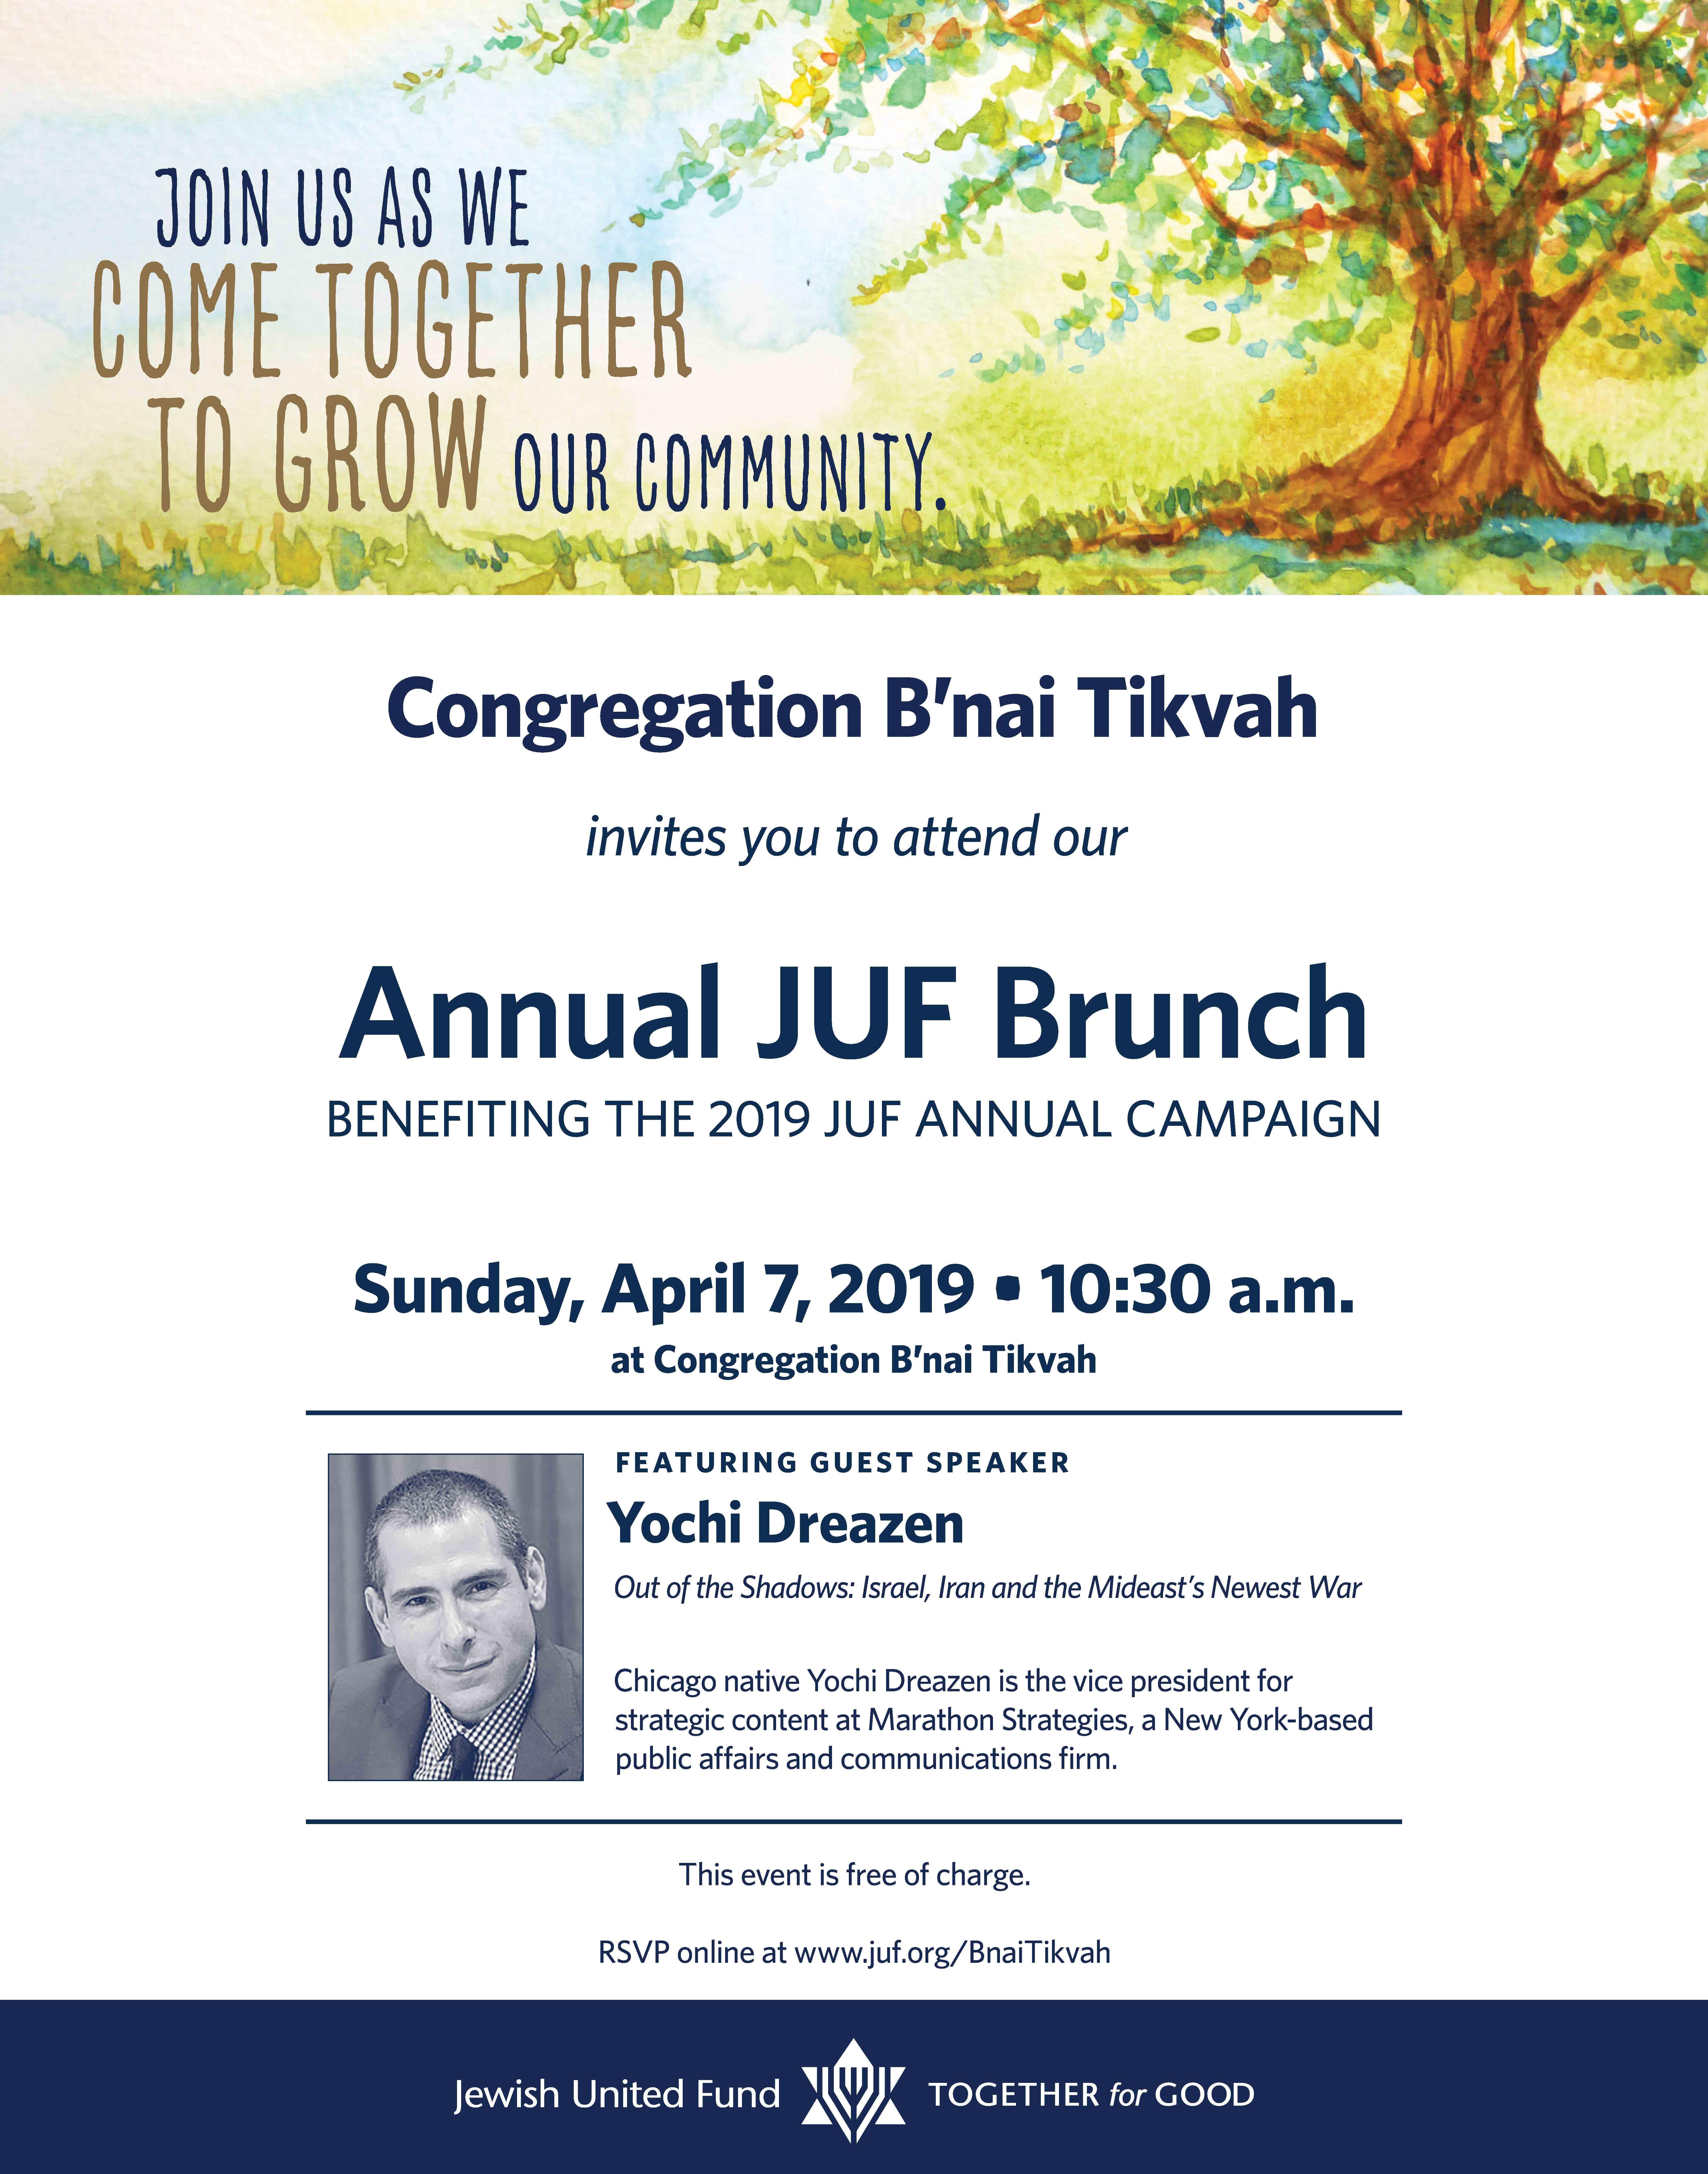 Annual JUF Brunch